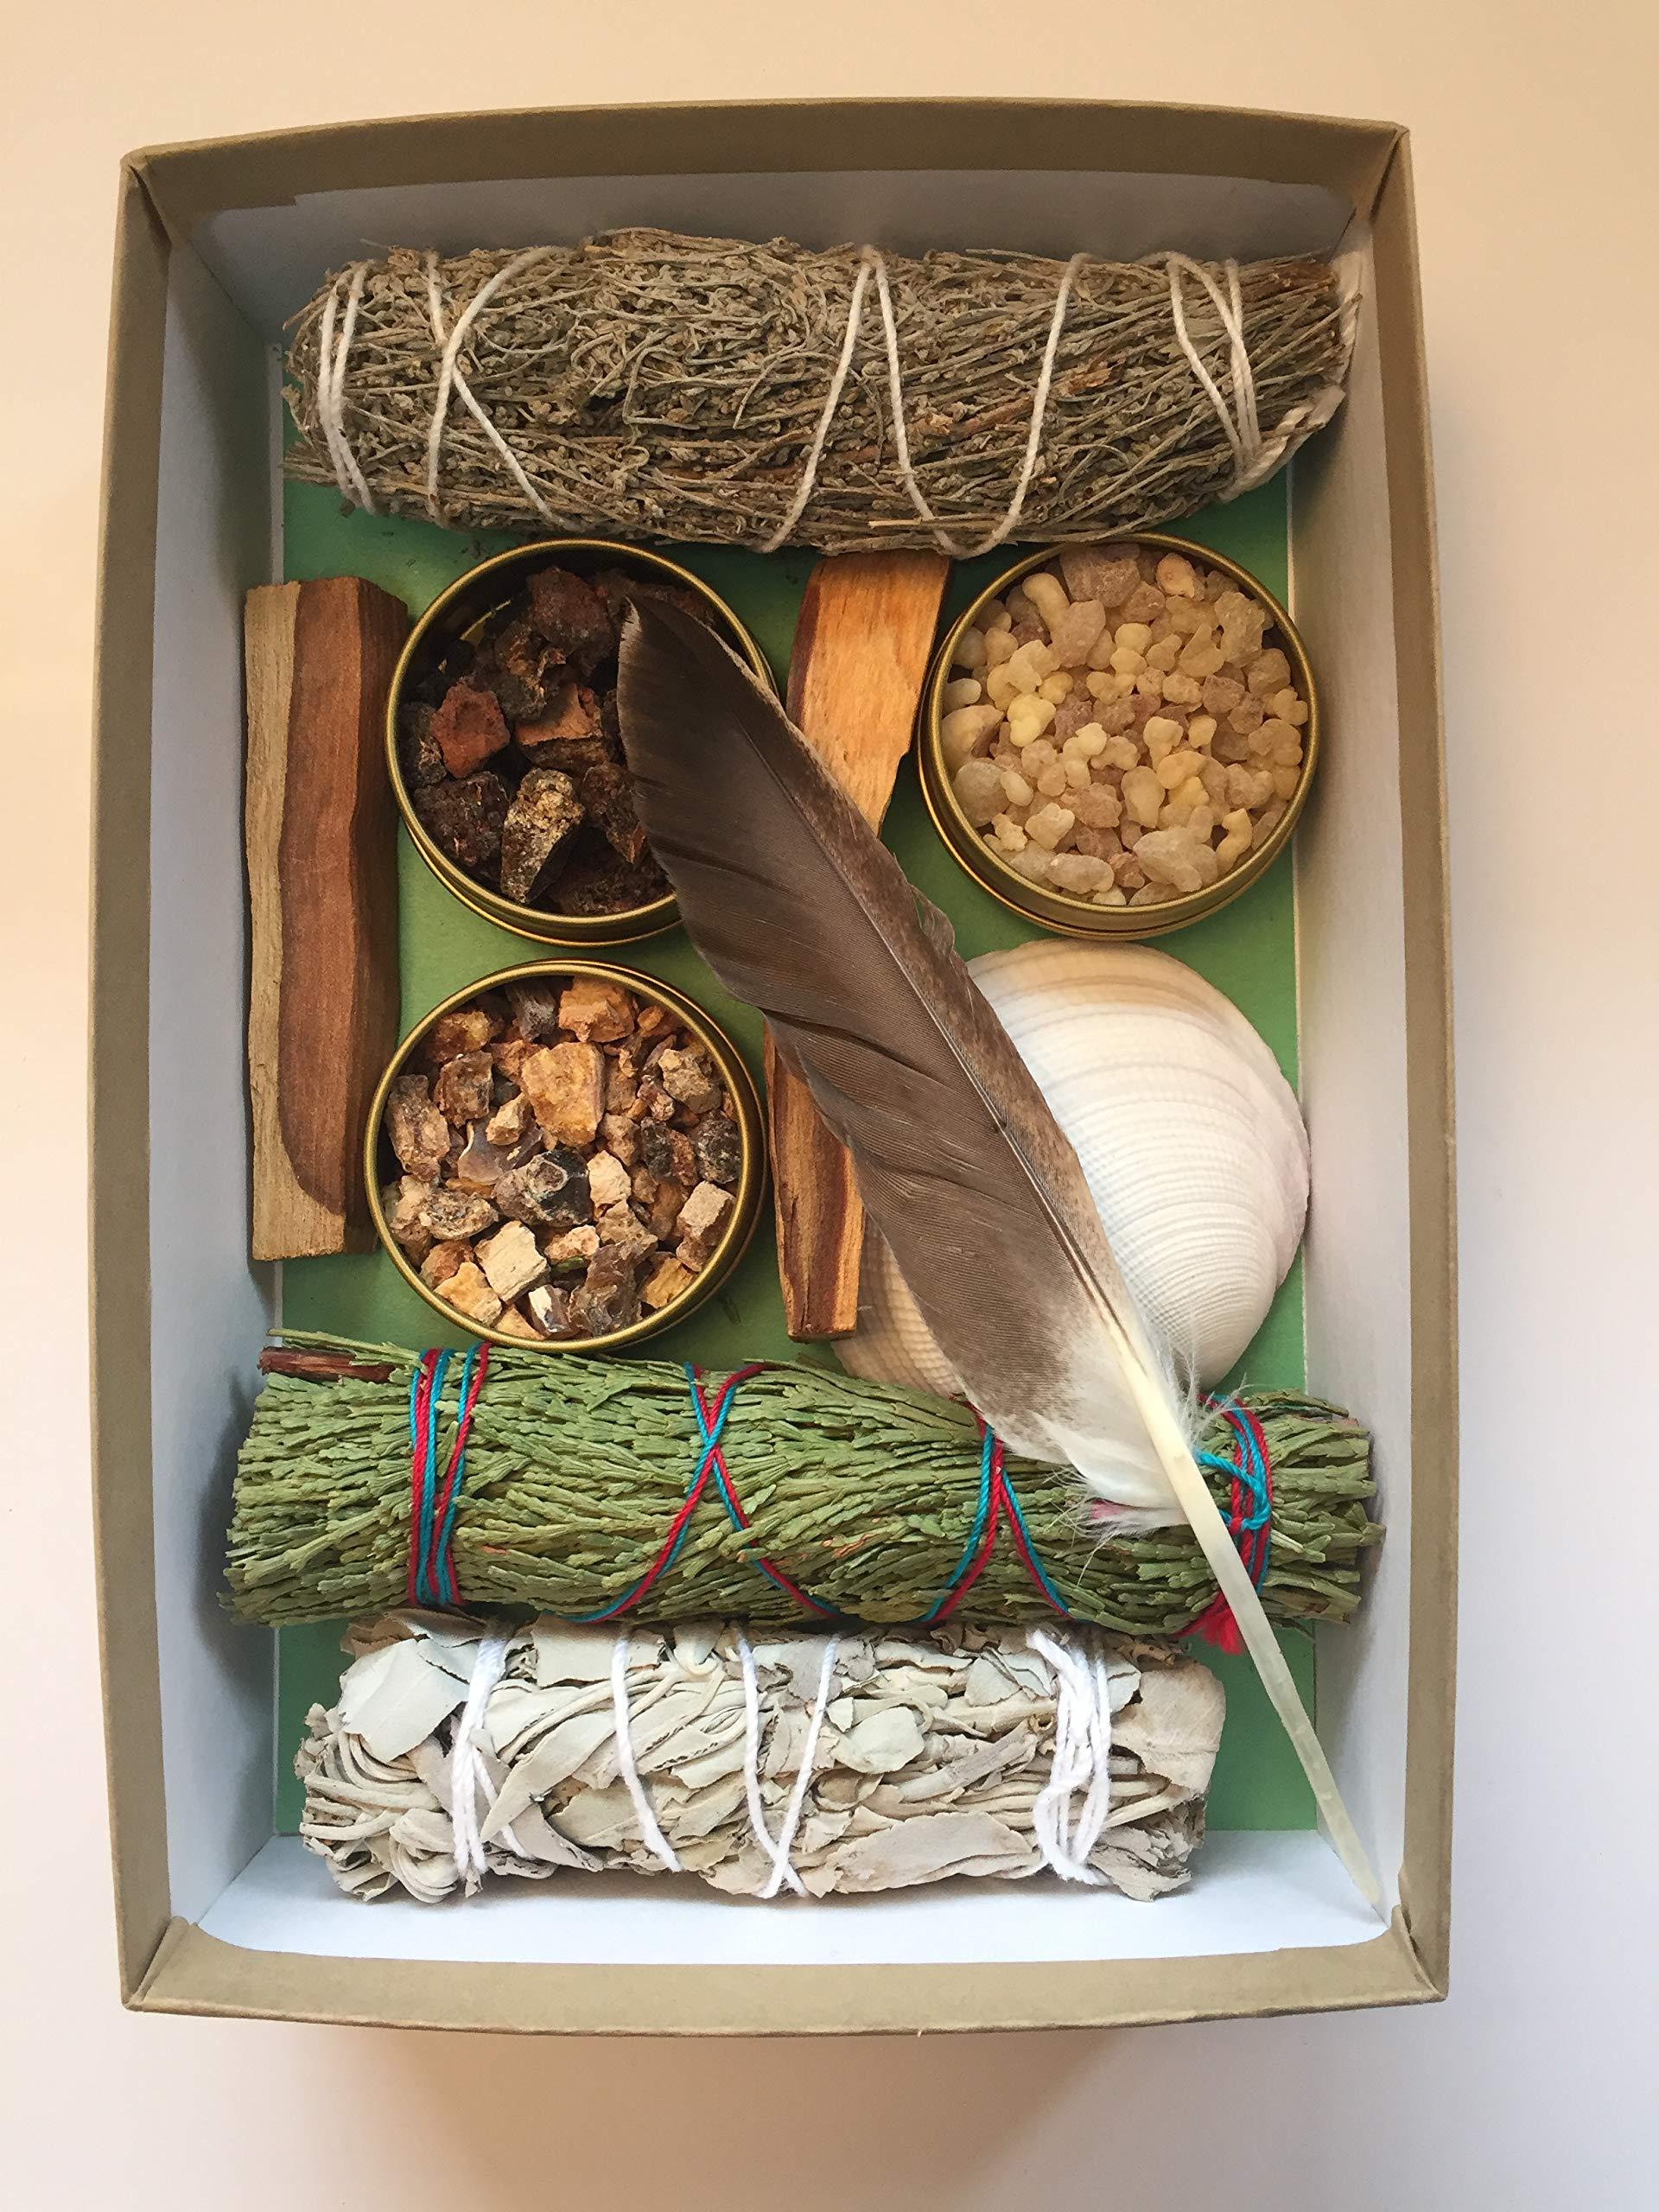 Sacred Scents For You Resin Incense and Sage Smudges Variety Gift Set Includes: Blue Sage, Cedar, White Sage & Palo Santo Wood. Frankincense, Myrrh & Mayan Copal Resins by Sacred Scents For You (Image #1)